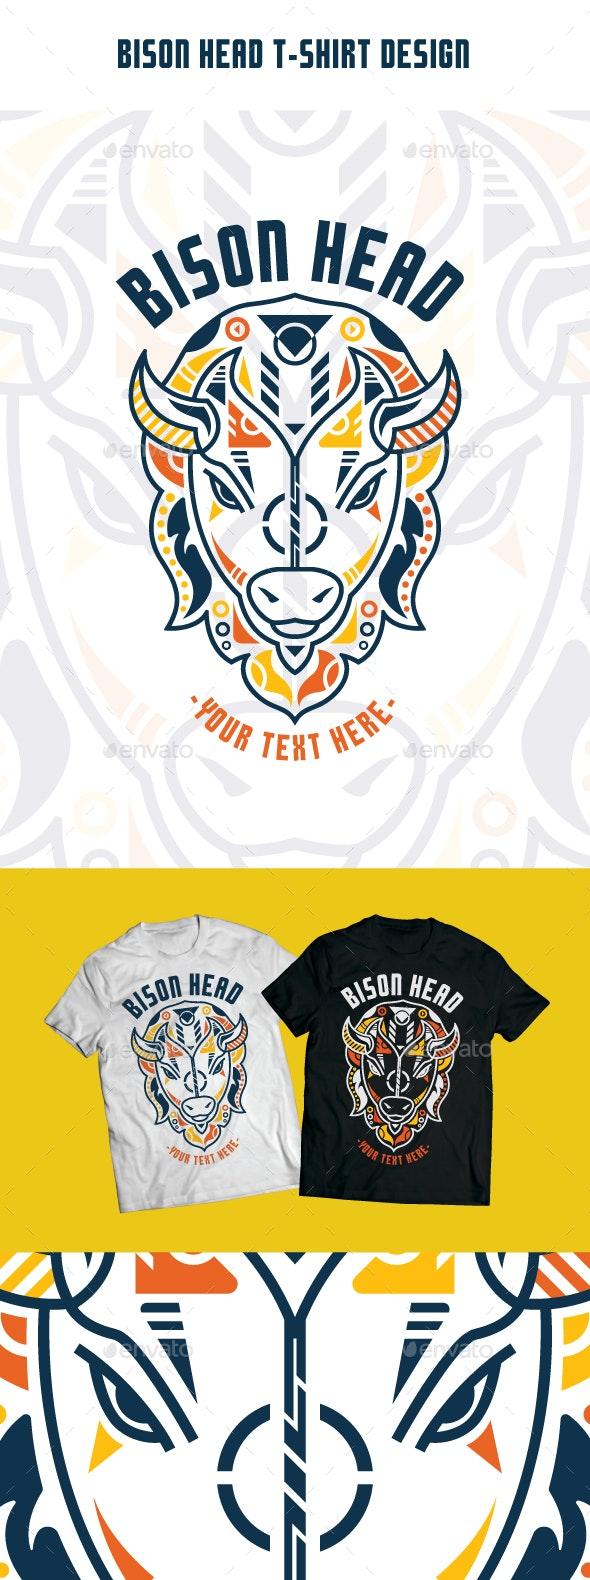 Unique Bison Head T-Shirt Design - T-Shirts